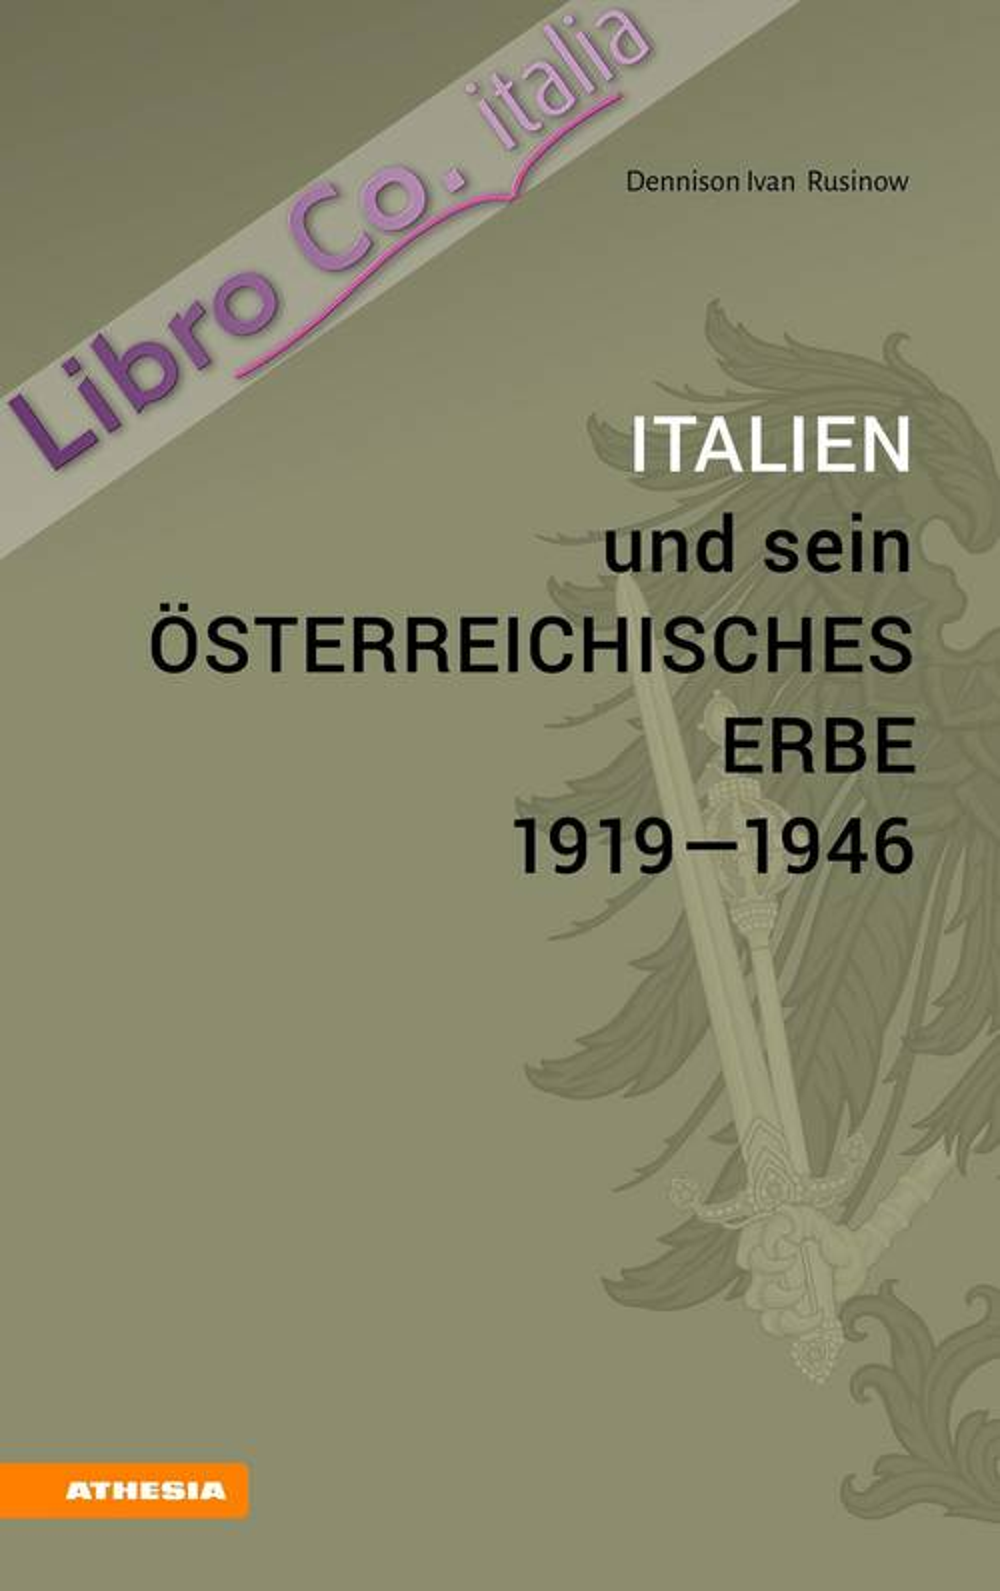 Italien und sein österreichisches Erbe 1919-1946.